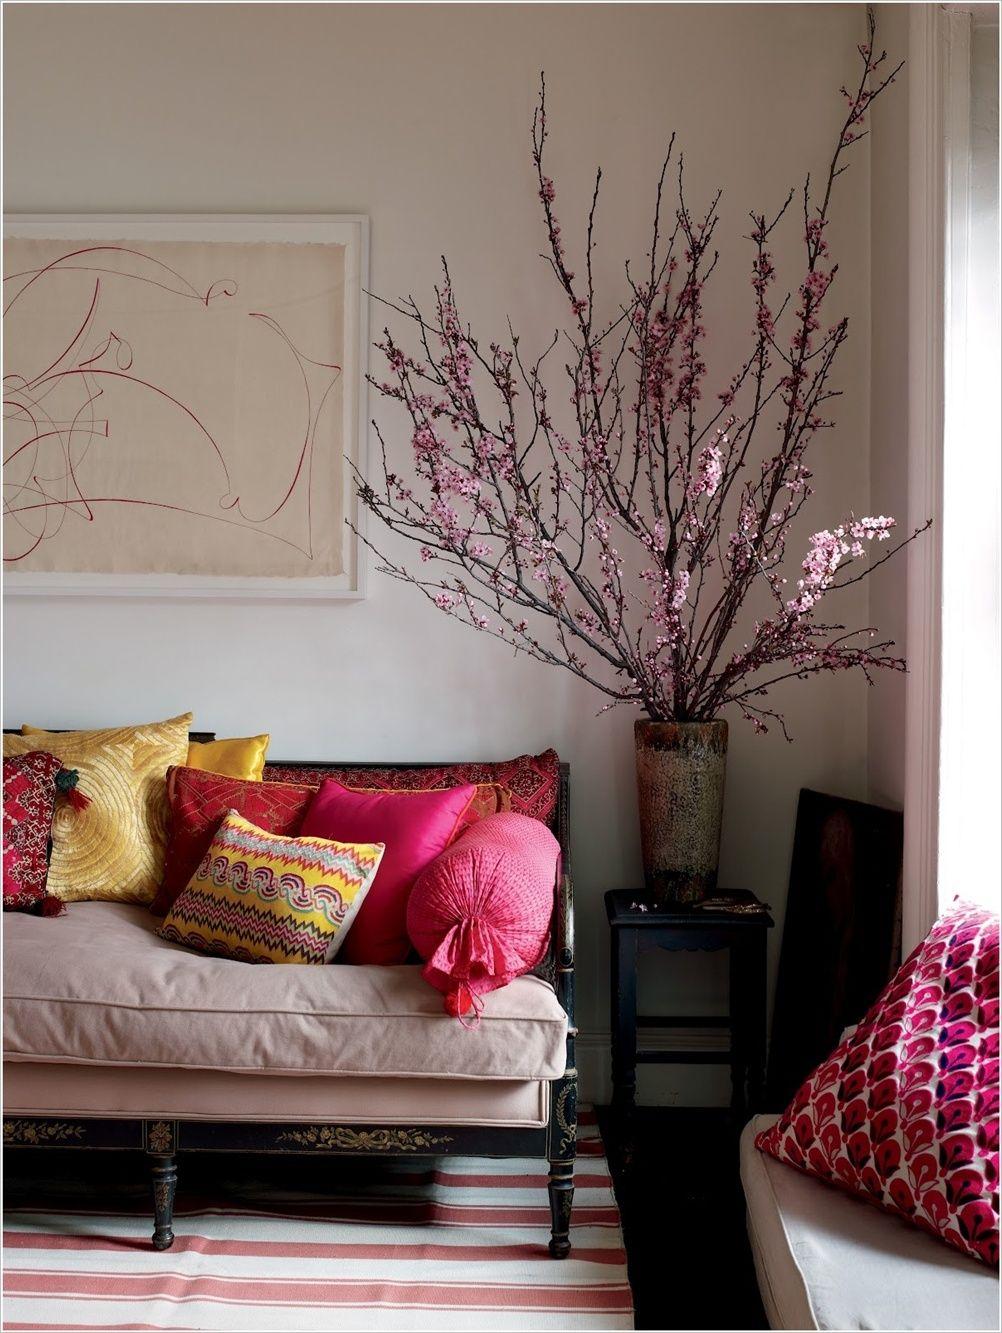 Interior Decor With Cherry Blossoms Contemporary Living Room Interior Design Home Deco